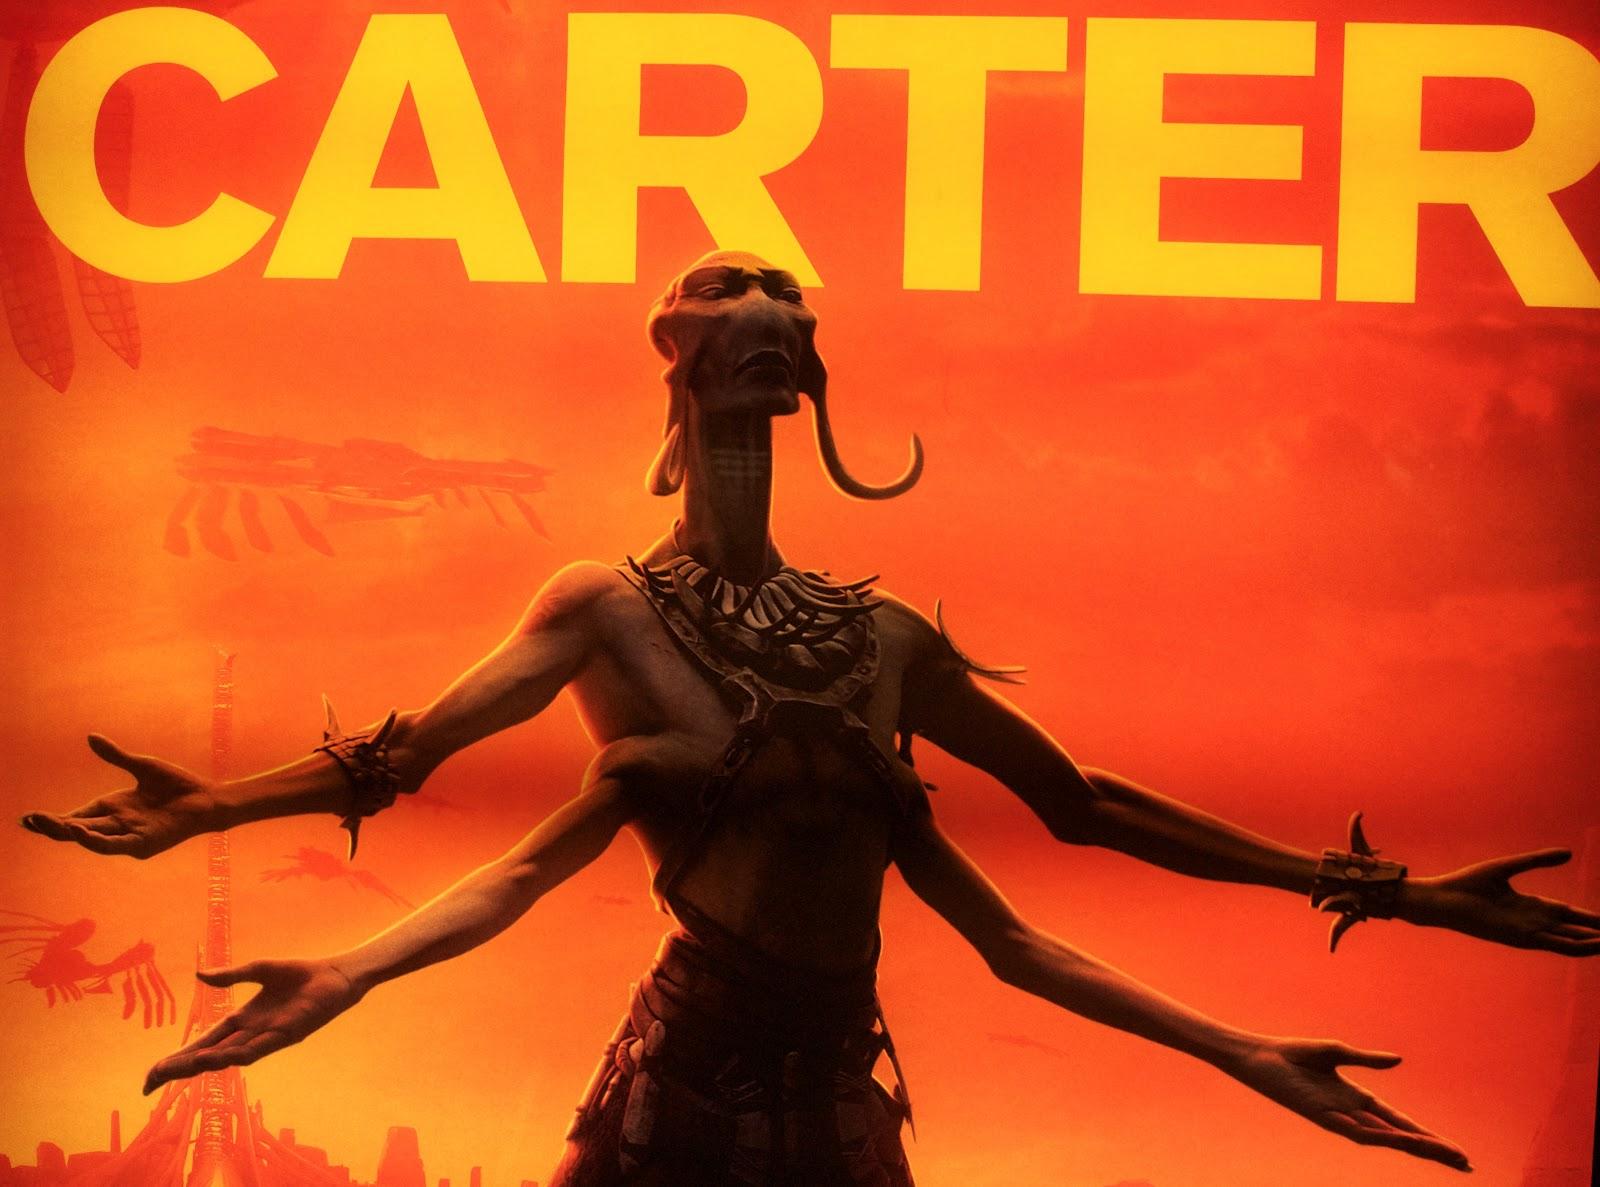 http://1.bp.blogspot.com/-Mas4ntsAcqM/T2pKLD2ki1I/AAAAAAAACP4/_Uiq8IyVsbQ/s1600/John+Carter+four+arms.jpg